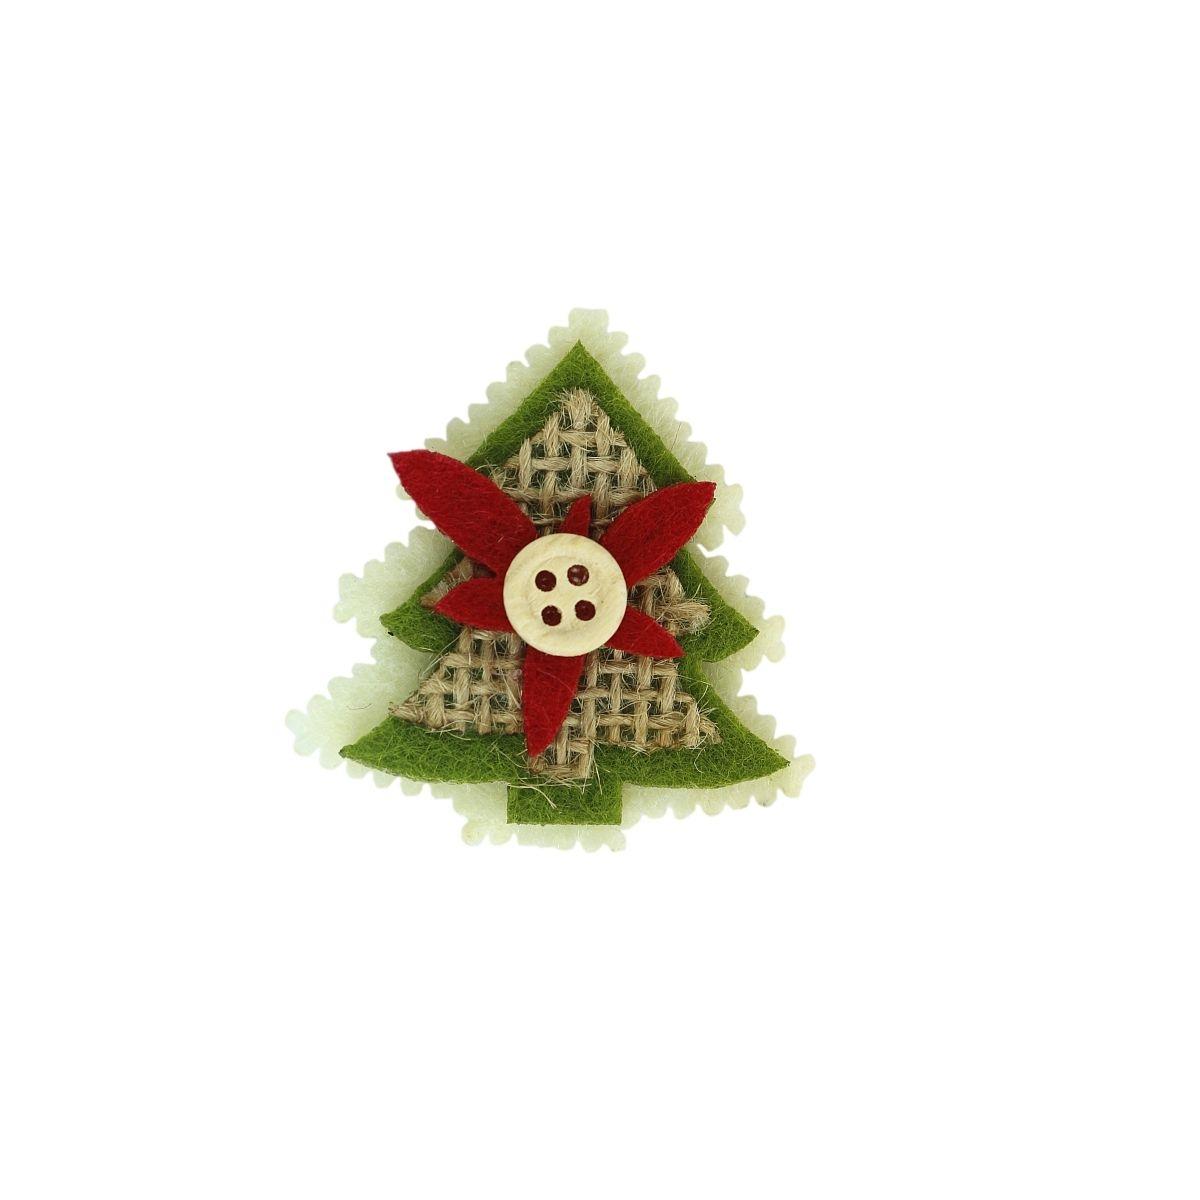 Dekoracje filcowe choinki (362018)